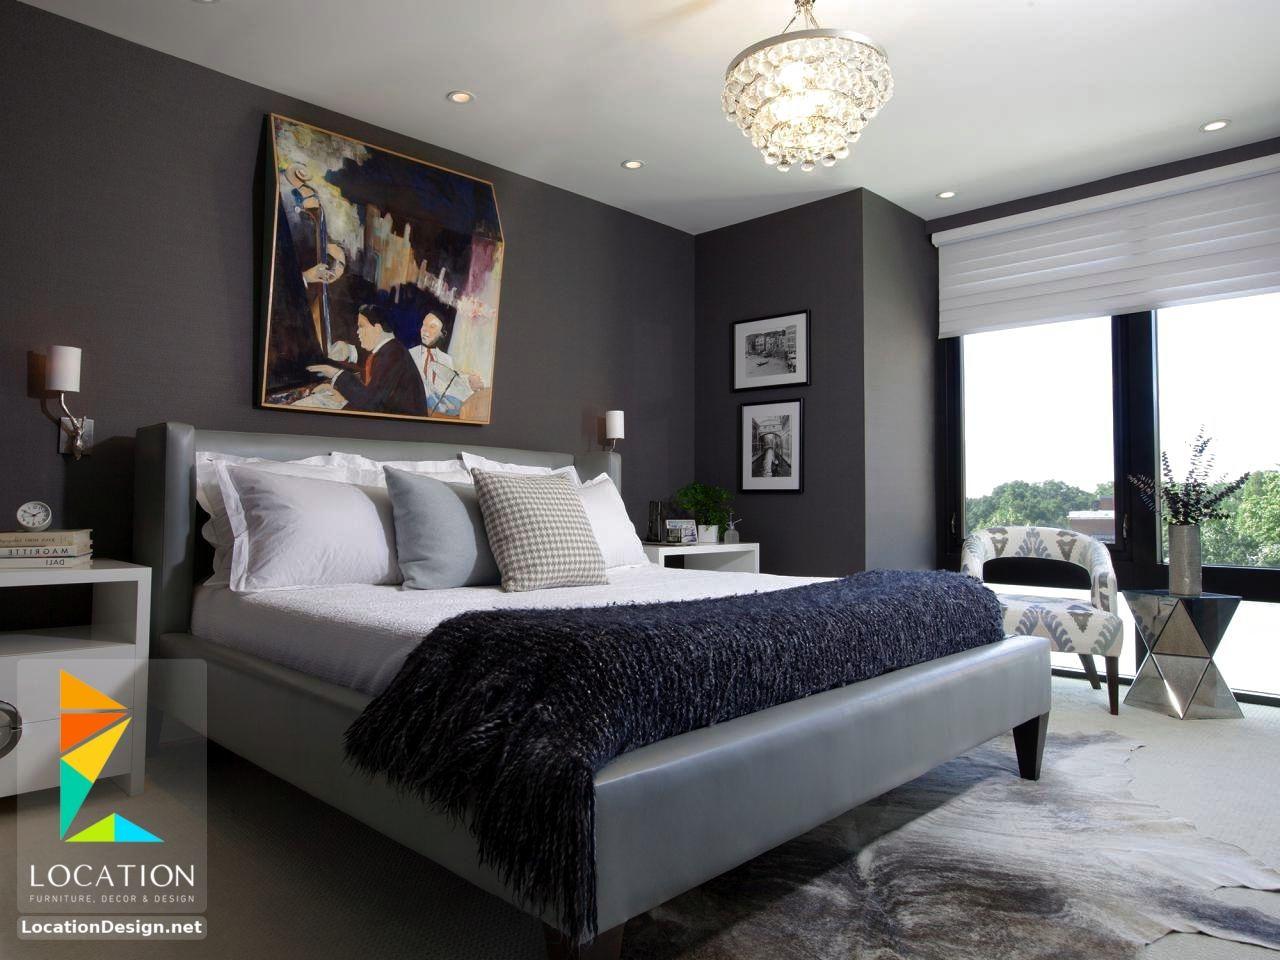 بالصور أحدث الوان دهانات غرف نوم للعرسان 2018 2019 لوكشين ديزين نت Bedroom Color Schemes Mens Bedroom Colors Bedroom Interior